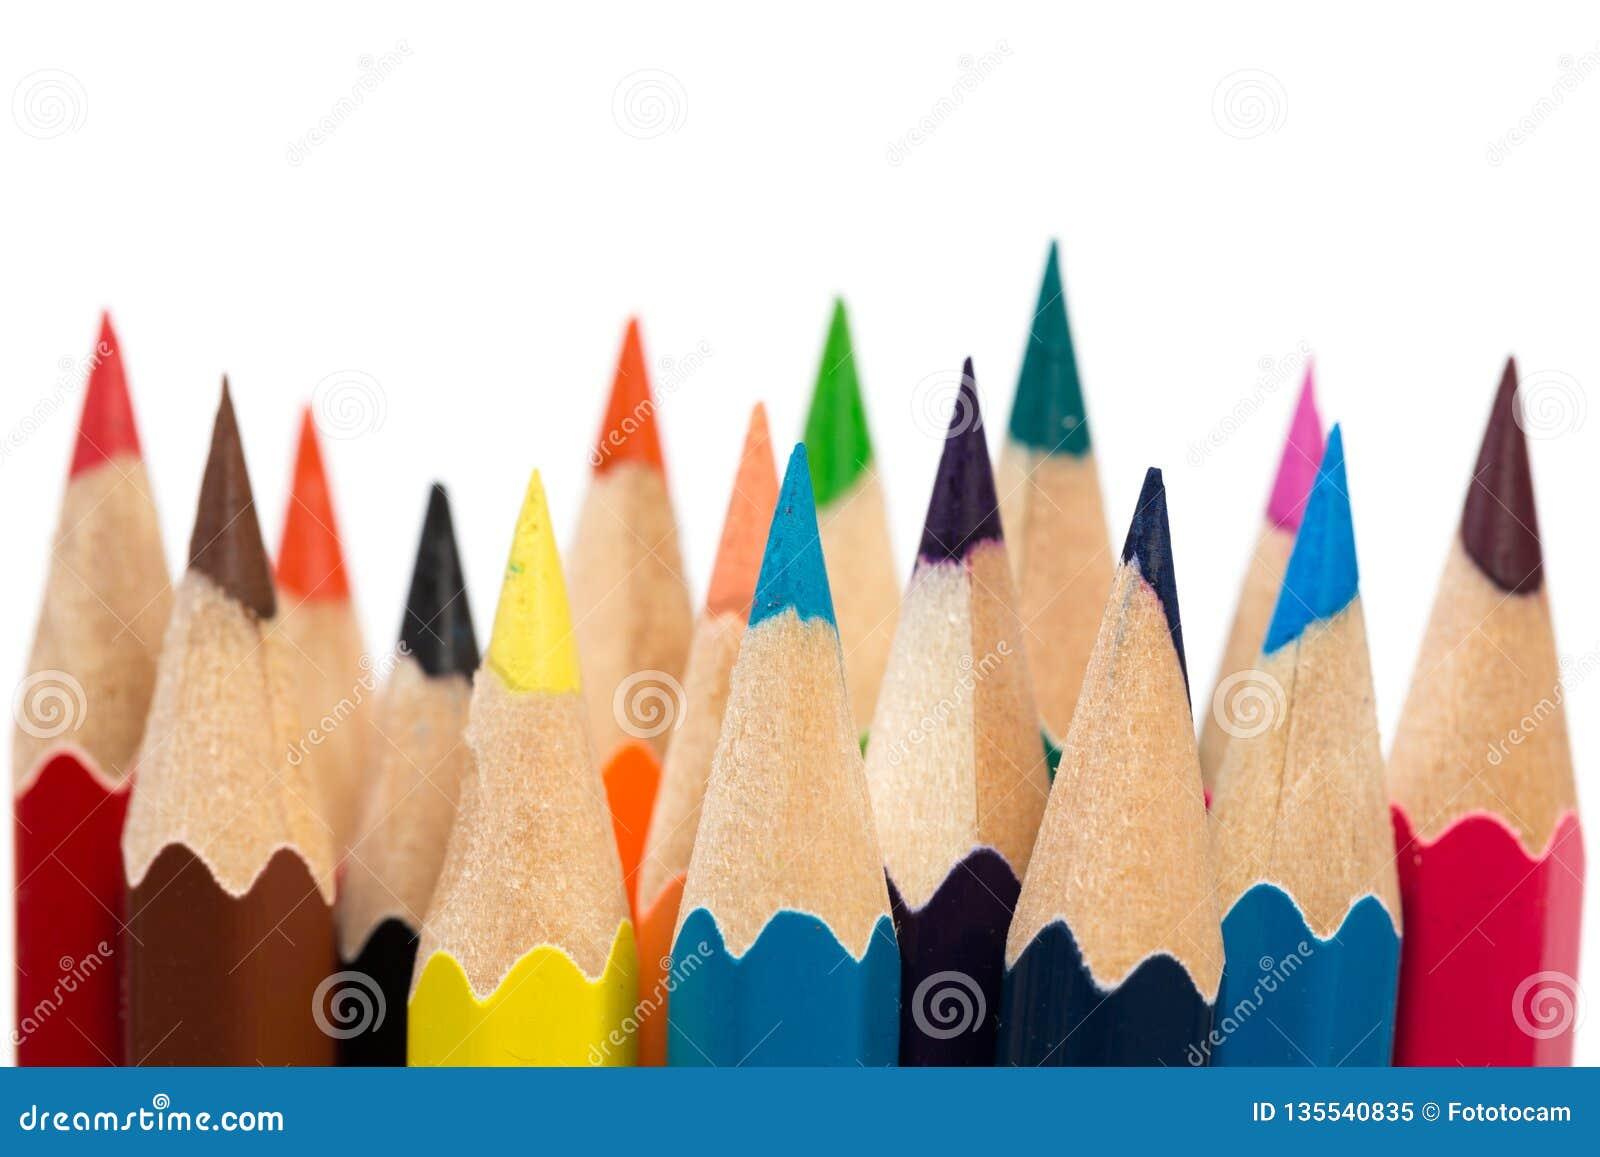 Colour sharpen pencils